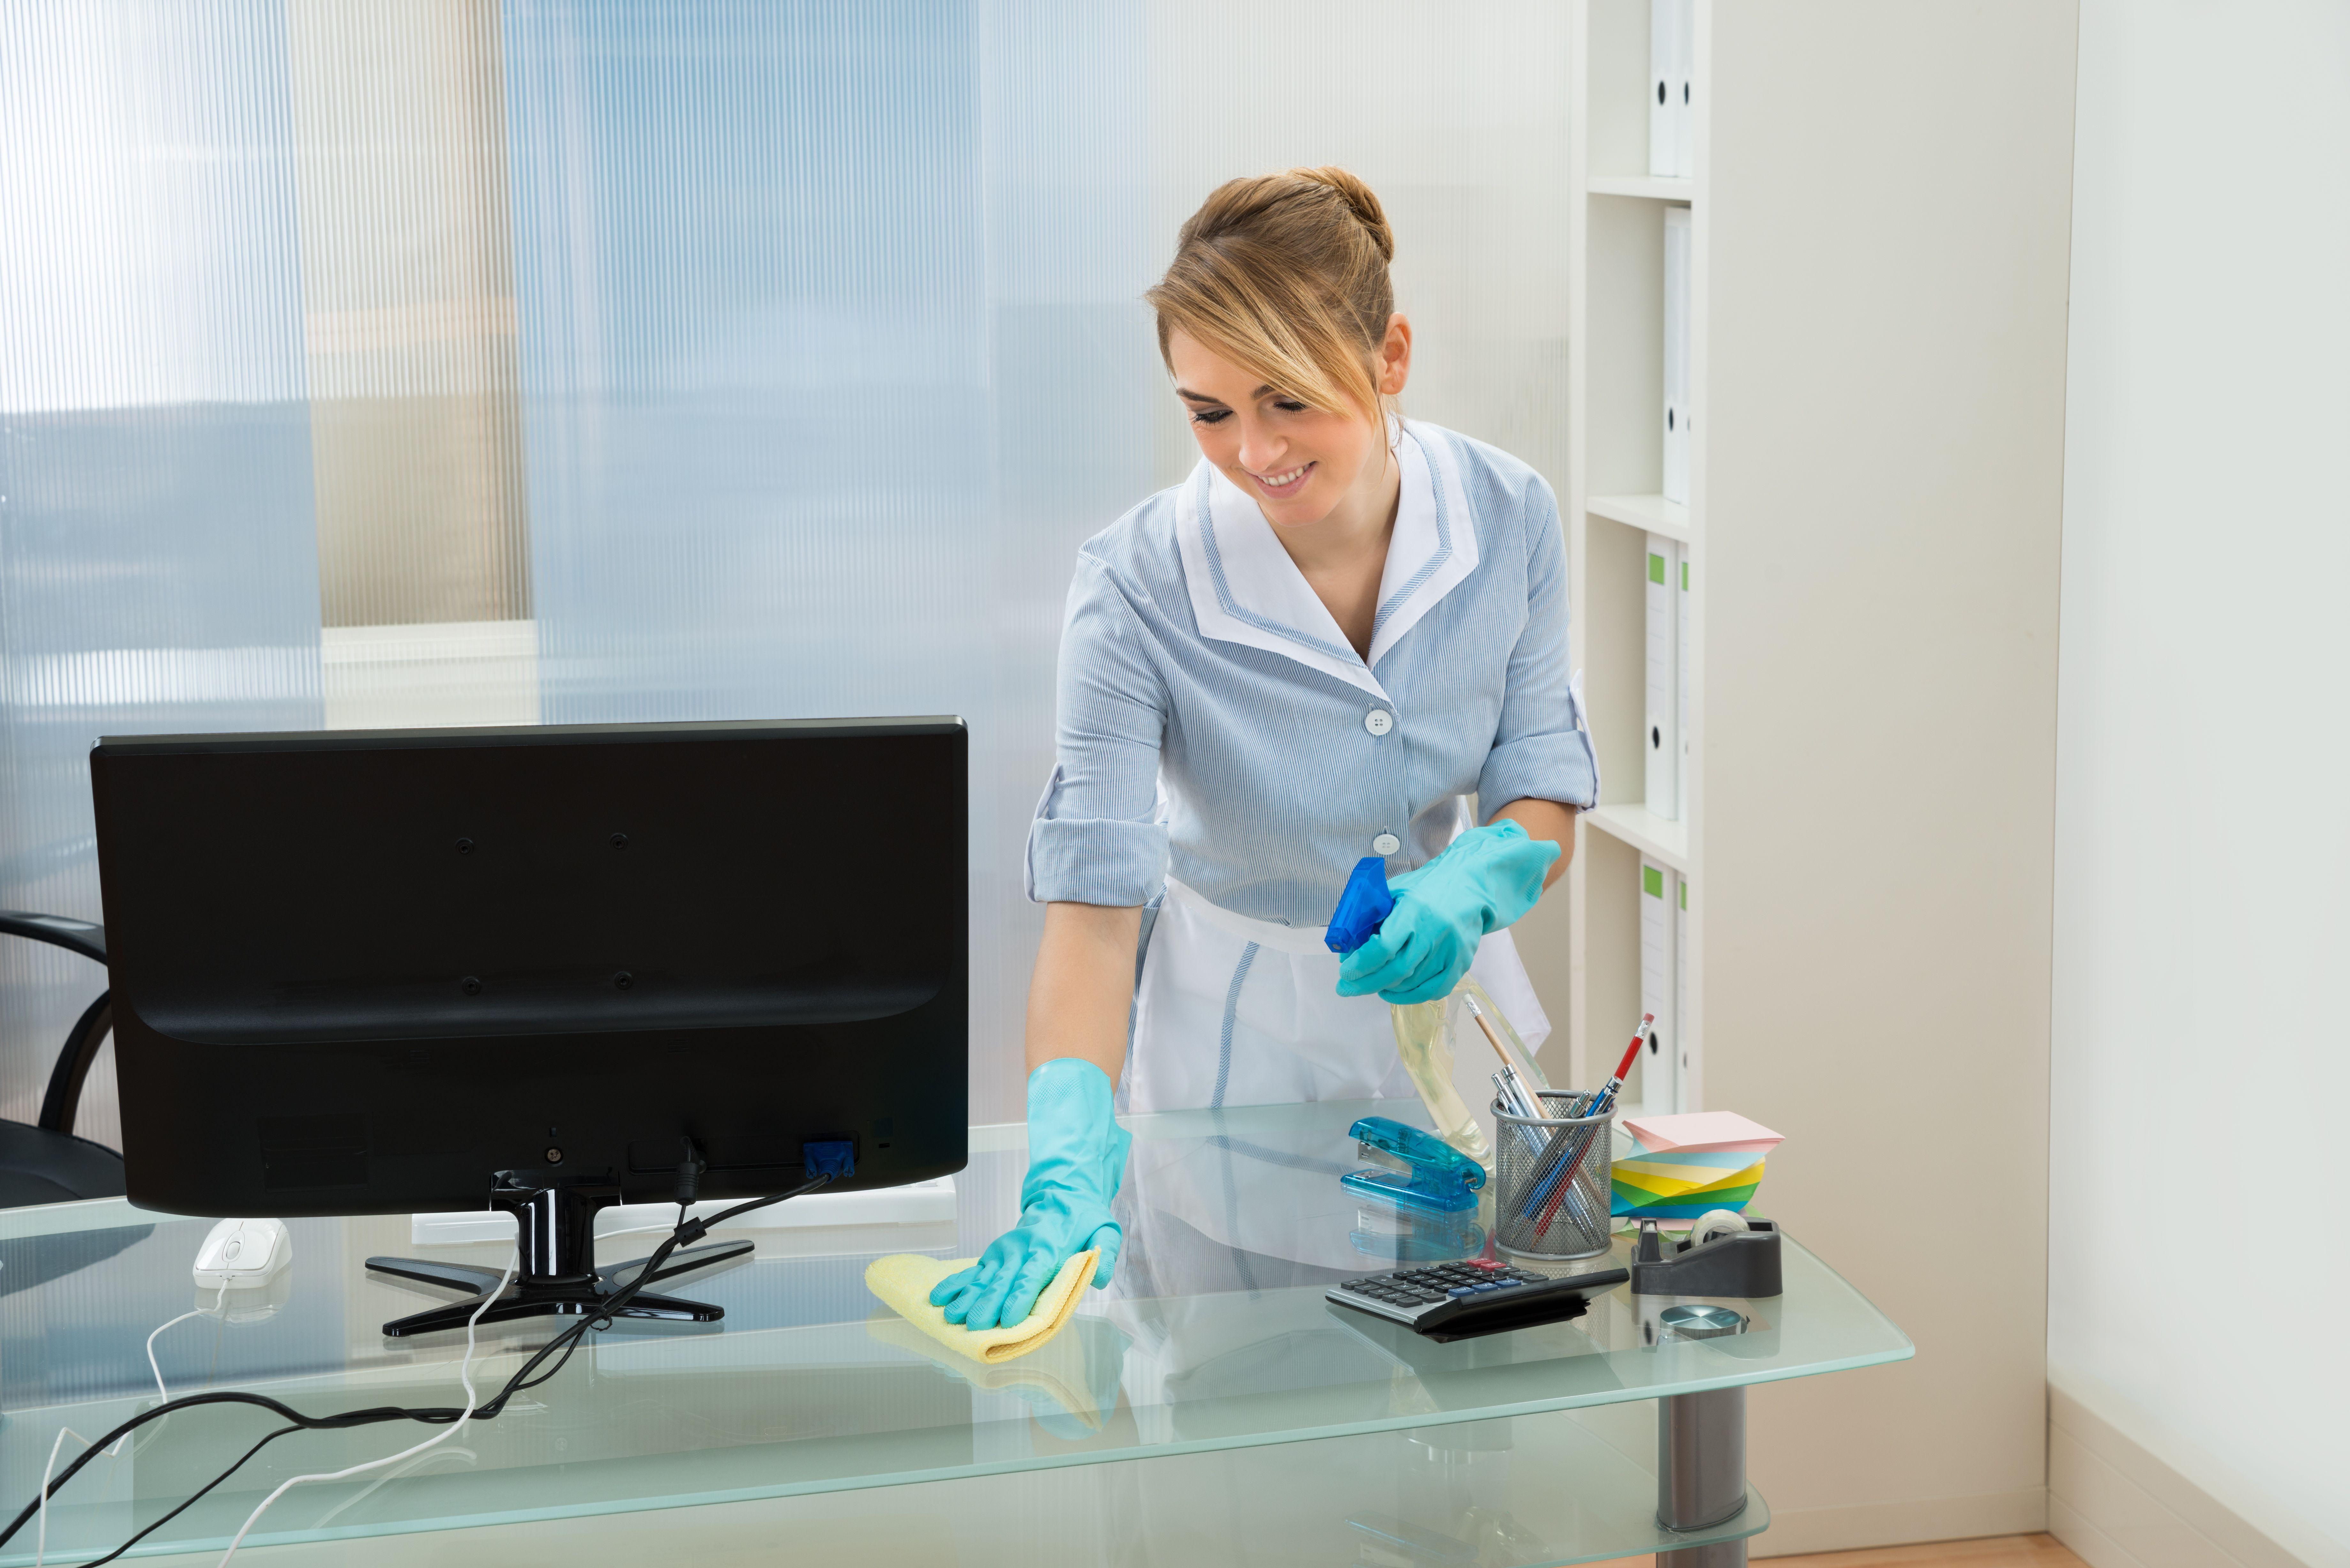 Limpieza de oficinas: Servicios de Multiservicios MACD, S.L.